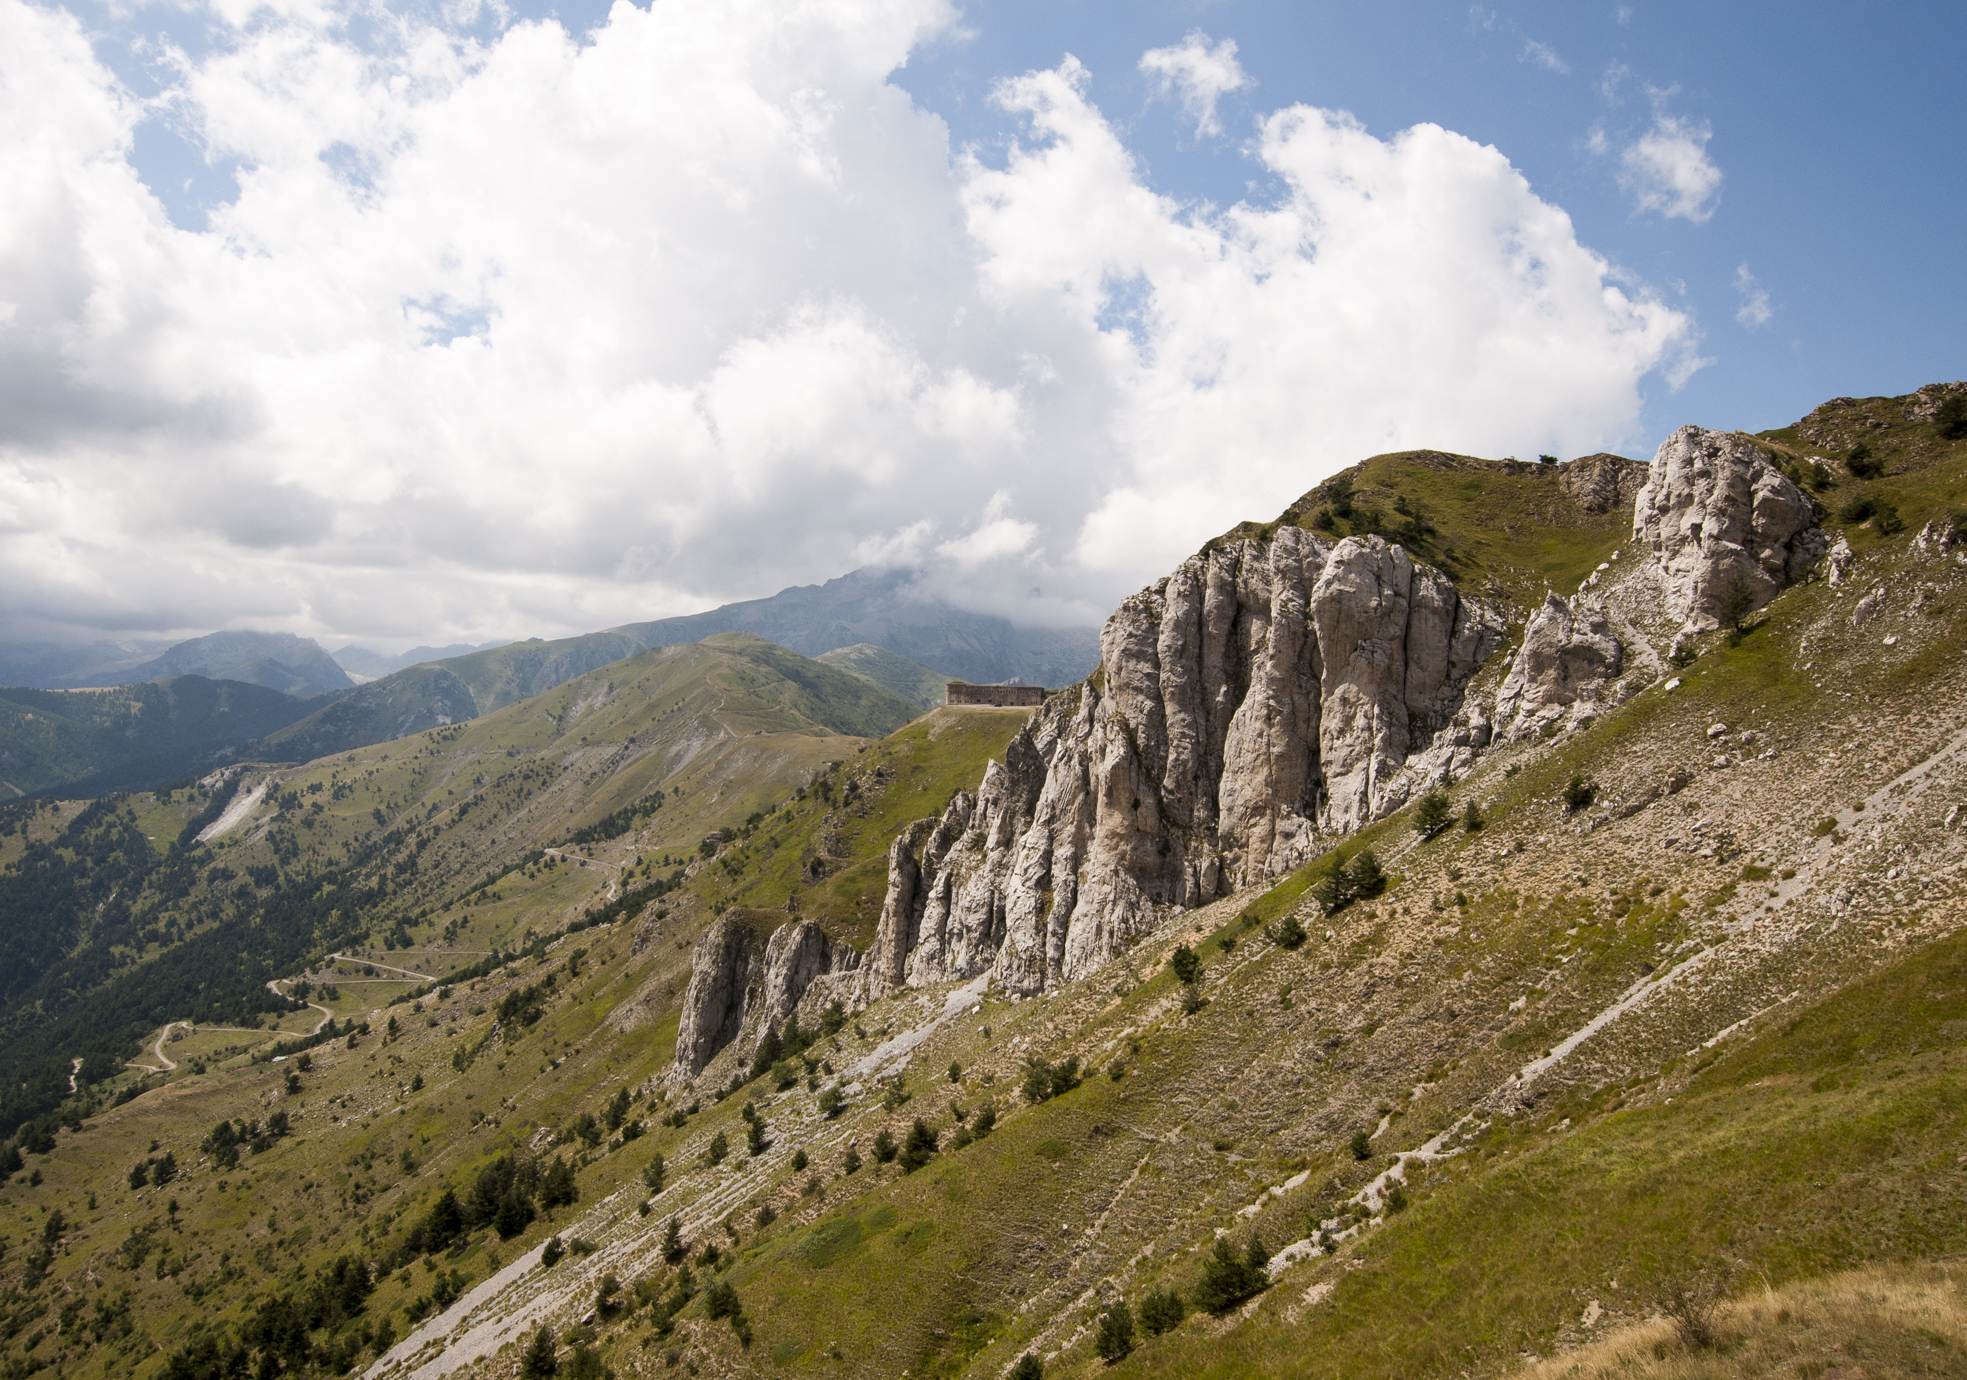 Randonnée - Les Forts du Col de Tende